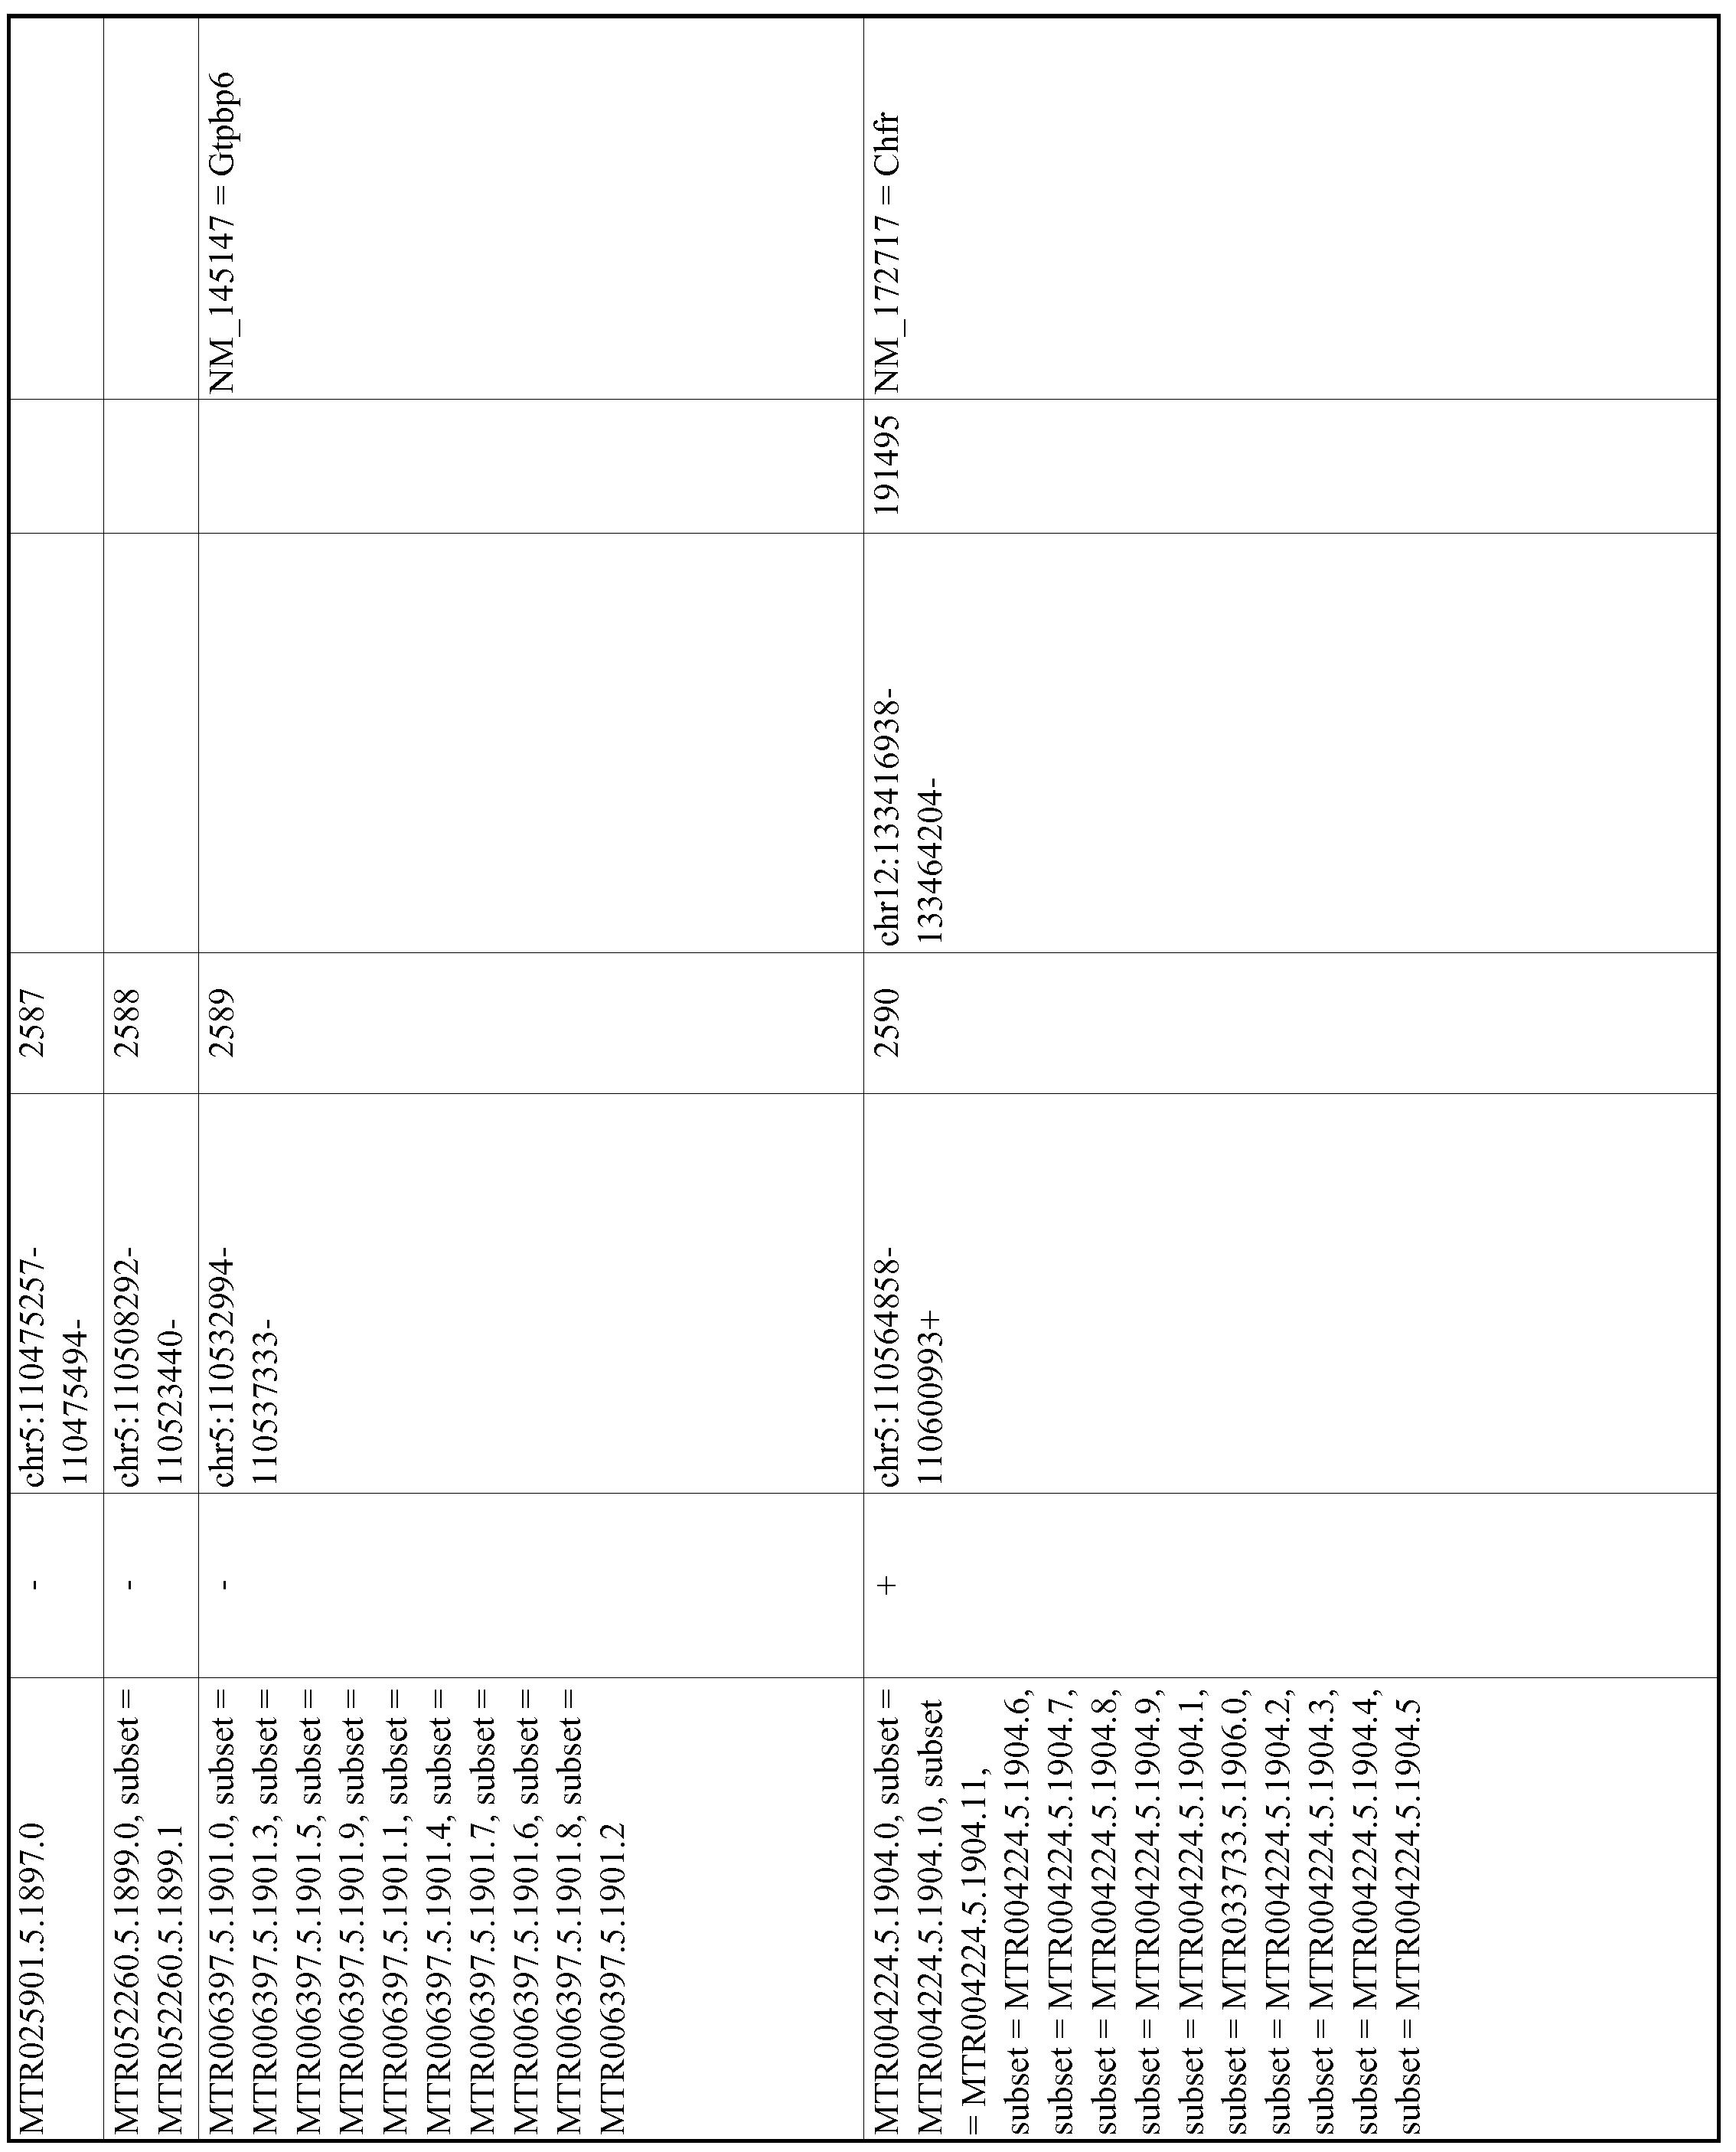 Figure imgf000545_0001